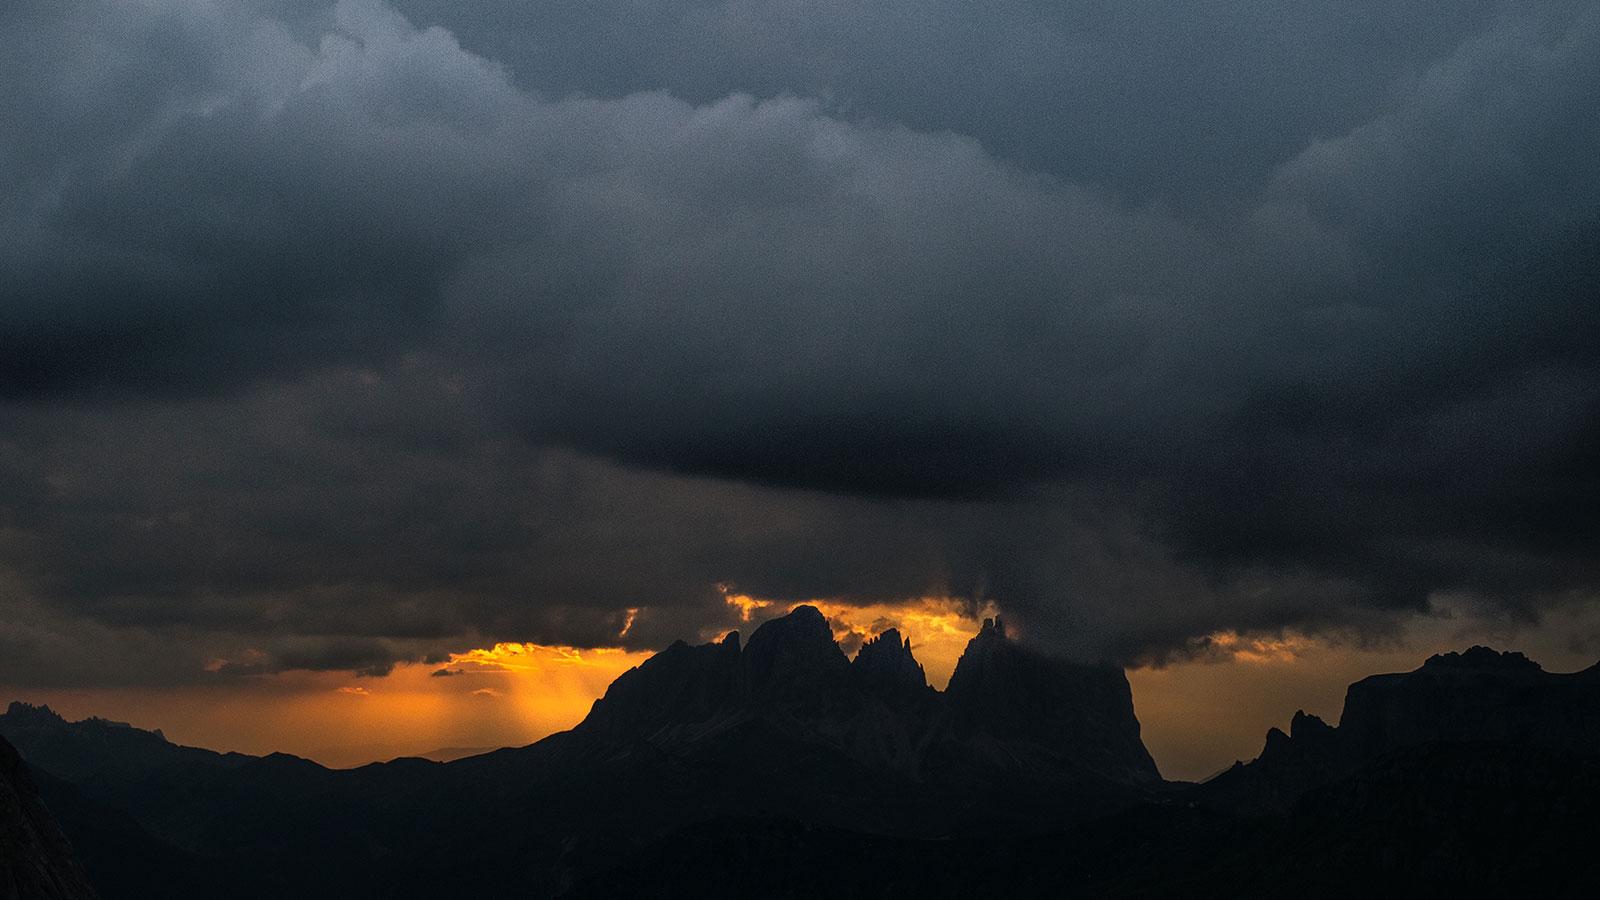 Nach dem Gewitter. Klettern in den Dolomiten | Pauli Trenkwalder, Berge & Psychologie